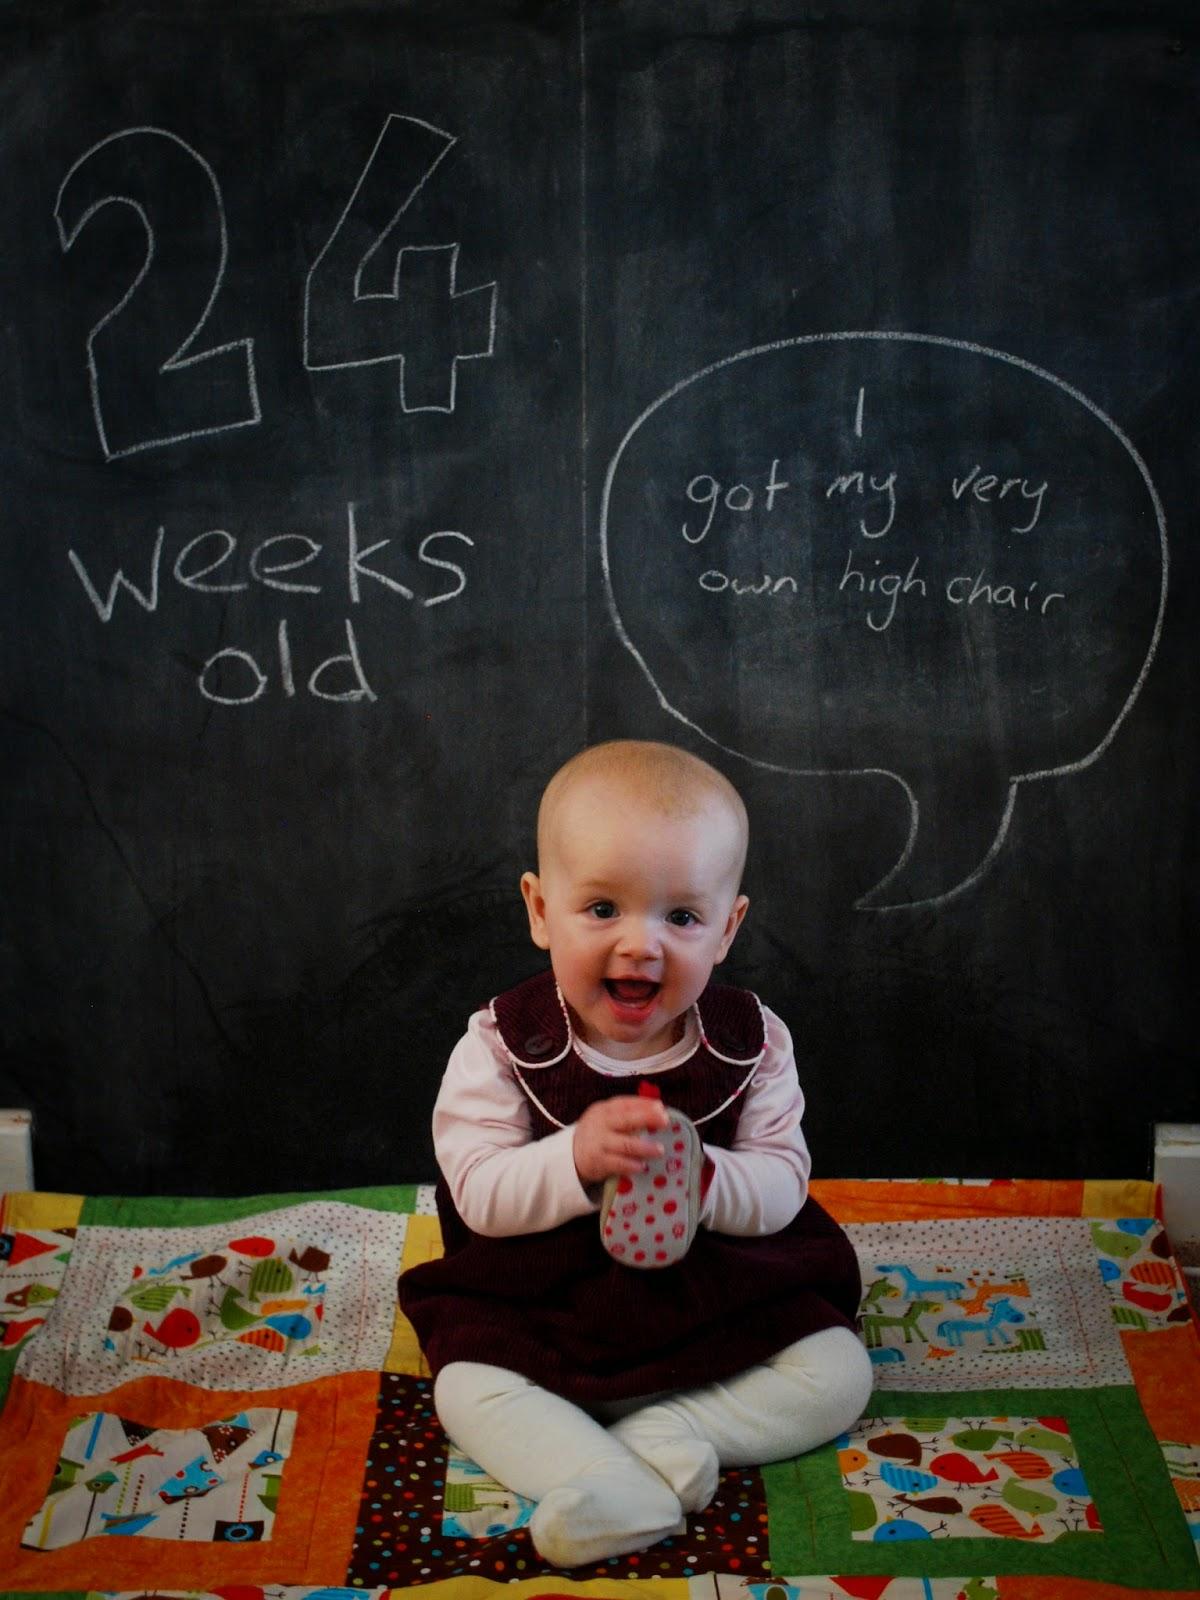 24 Weeks Old.